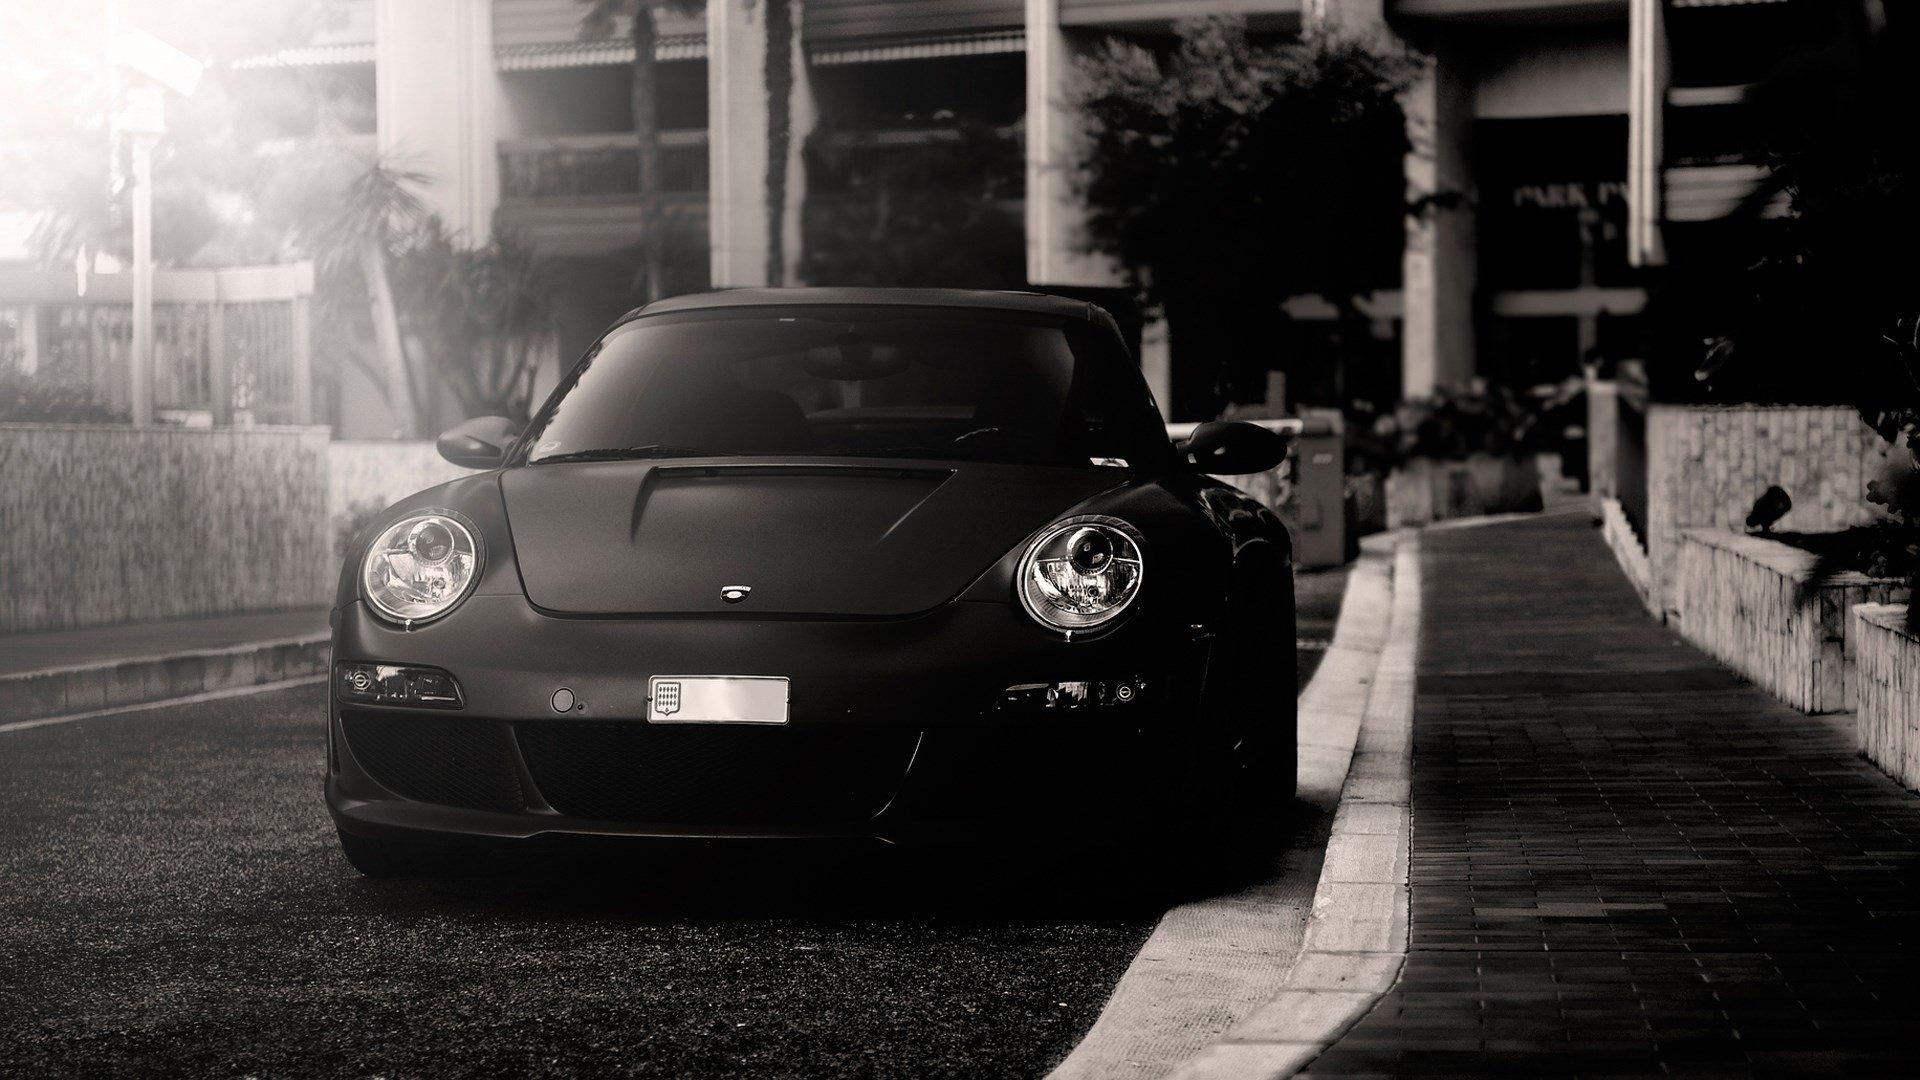 Porsche 911 Wallpapers 1920x1080 Full Hd 1080p Desktop Backgrounds